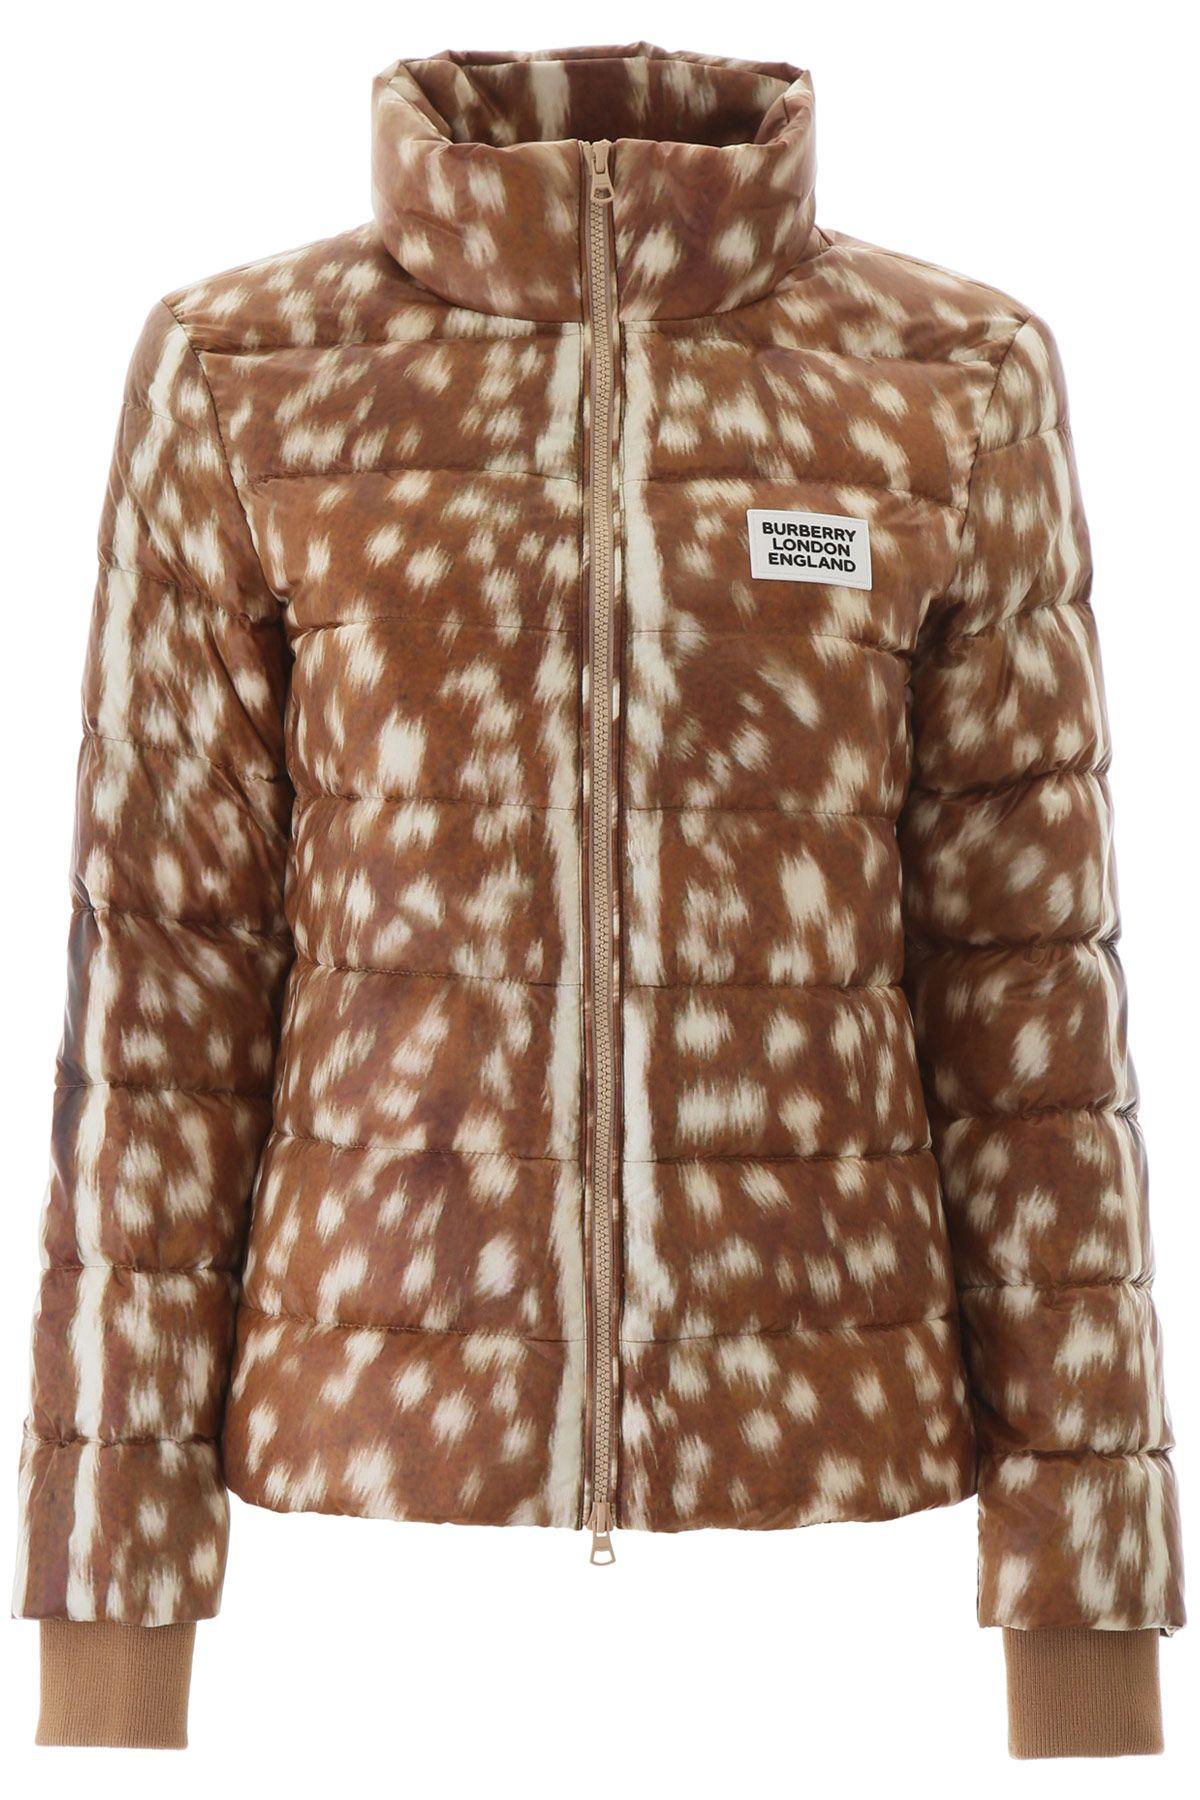 Burberry Deer Print Puffer Jacket Ss20